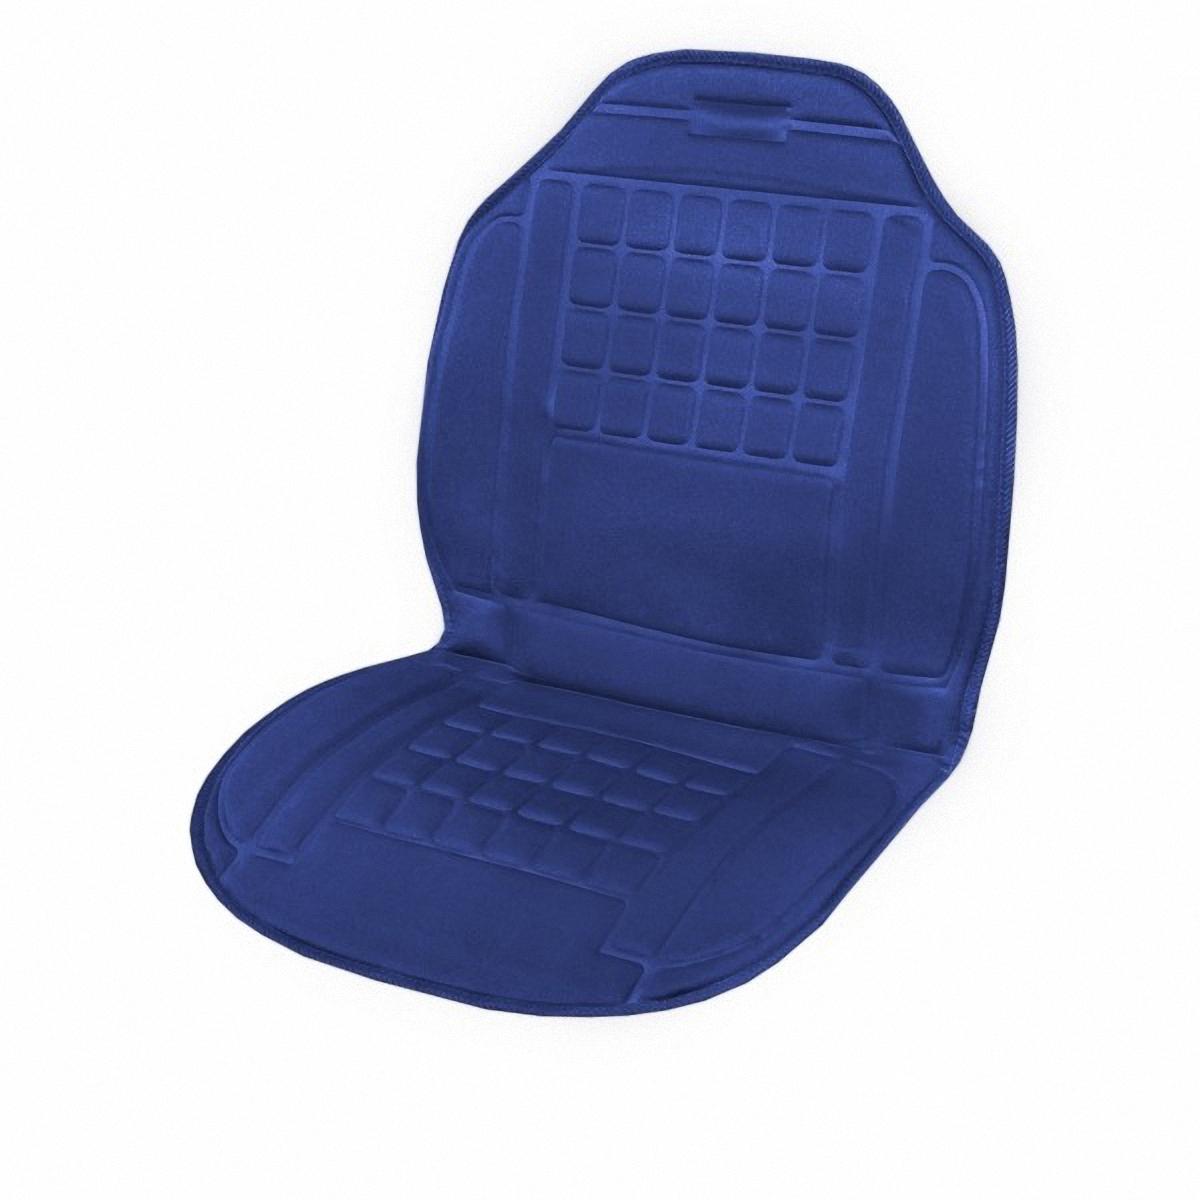 Подогрев для сиденья Skyway, со спинкой, 98 х 52 смS022010012Подогрев сидения Skyway - сезонный товар и большой популярностью пользуется в осенне-зимний период. Skyway предлагает наружные подогревы сидений, изготовленные в виде накидки на автомобильное кресло. Преимущество наружных подогревов в простоте установки. Они крепятся ремнями к креслу автомобиля и подключаются к бортовой сети через гнездо прикуривателя.